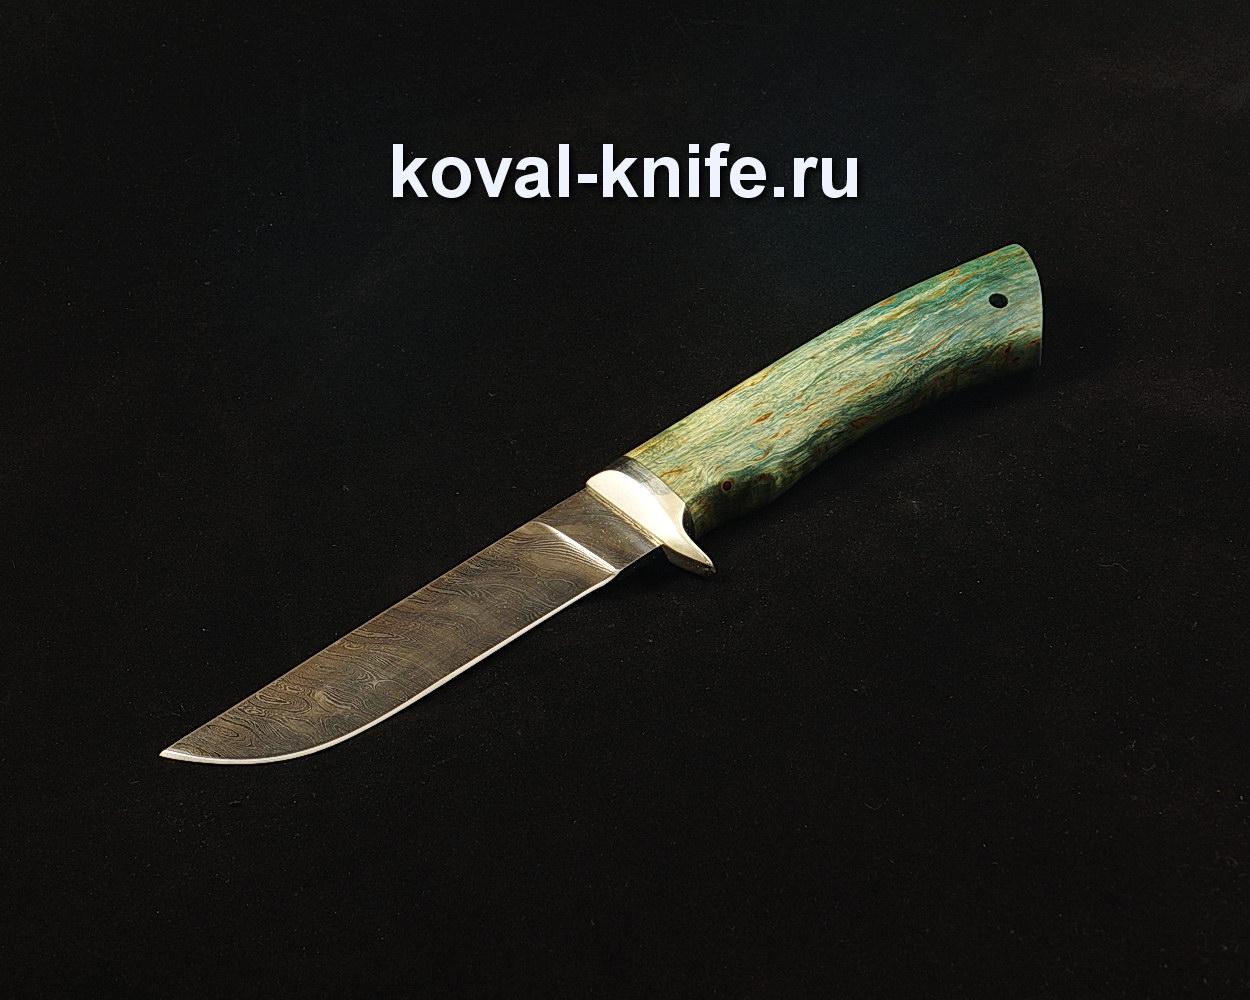 купить нож Кузницы Коваль со скидкой по акции